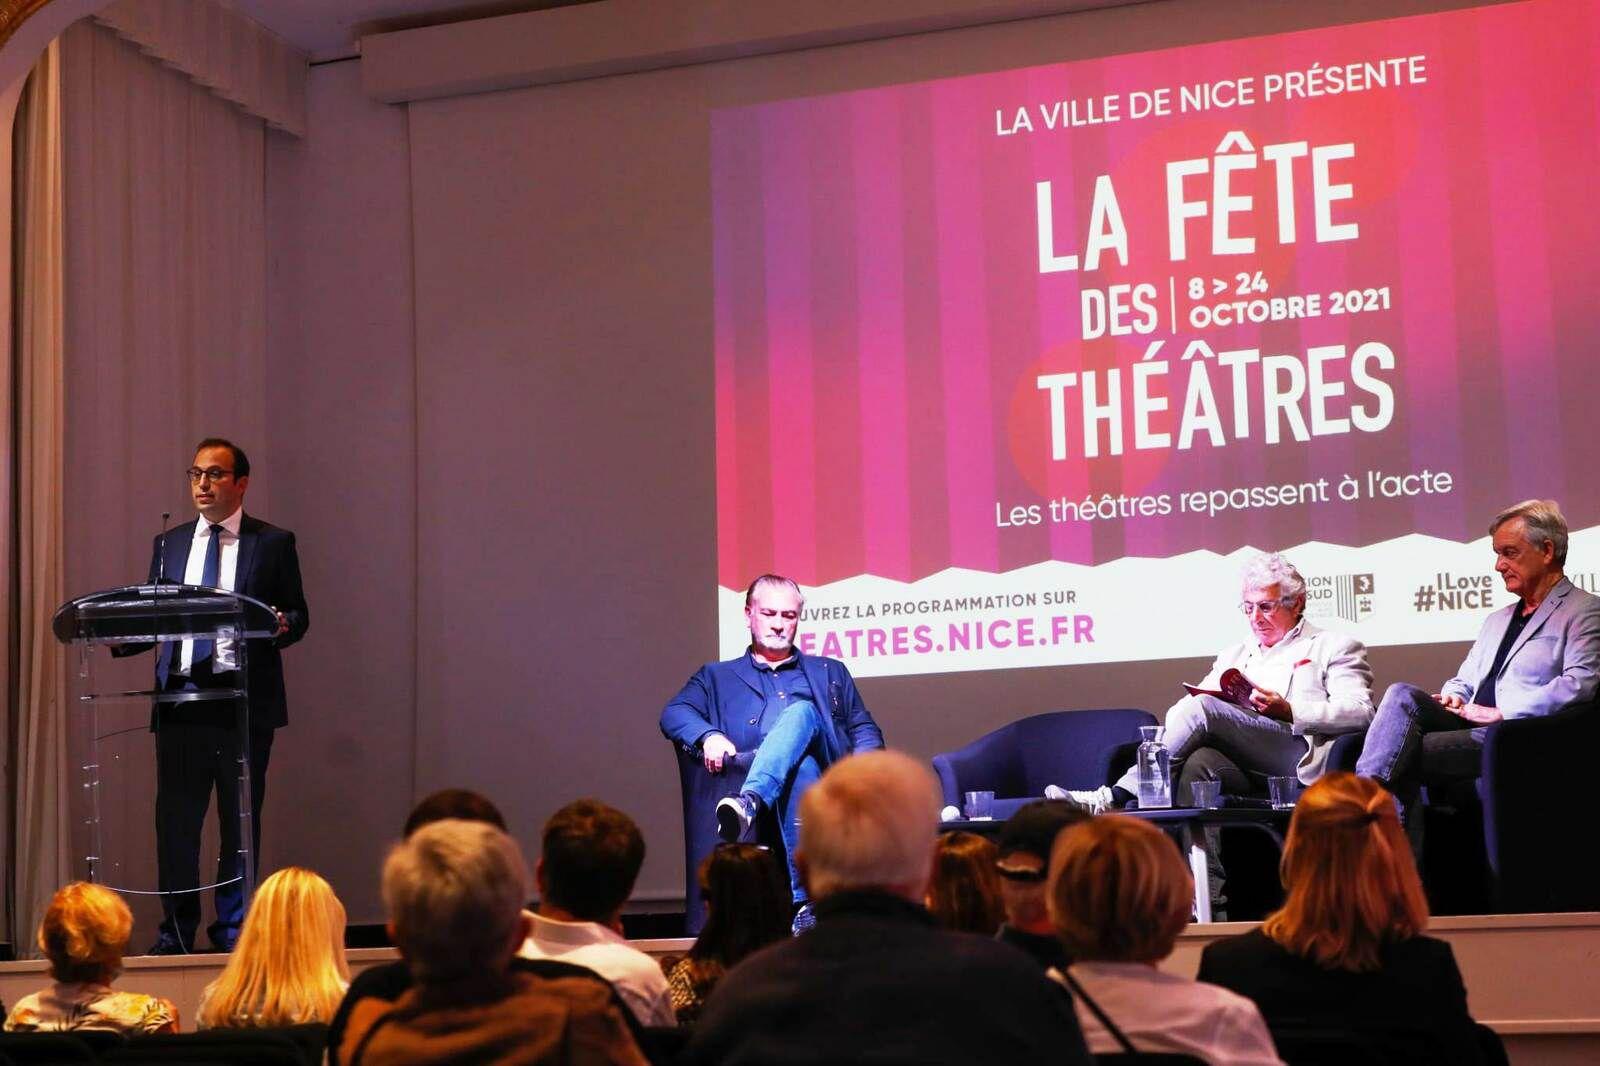 Lancement de la 7e Fête des Théâtres de la Ville de Nice (8-24 octobre 2021)